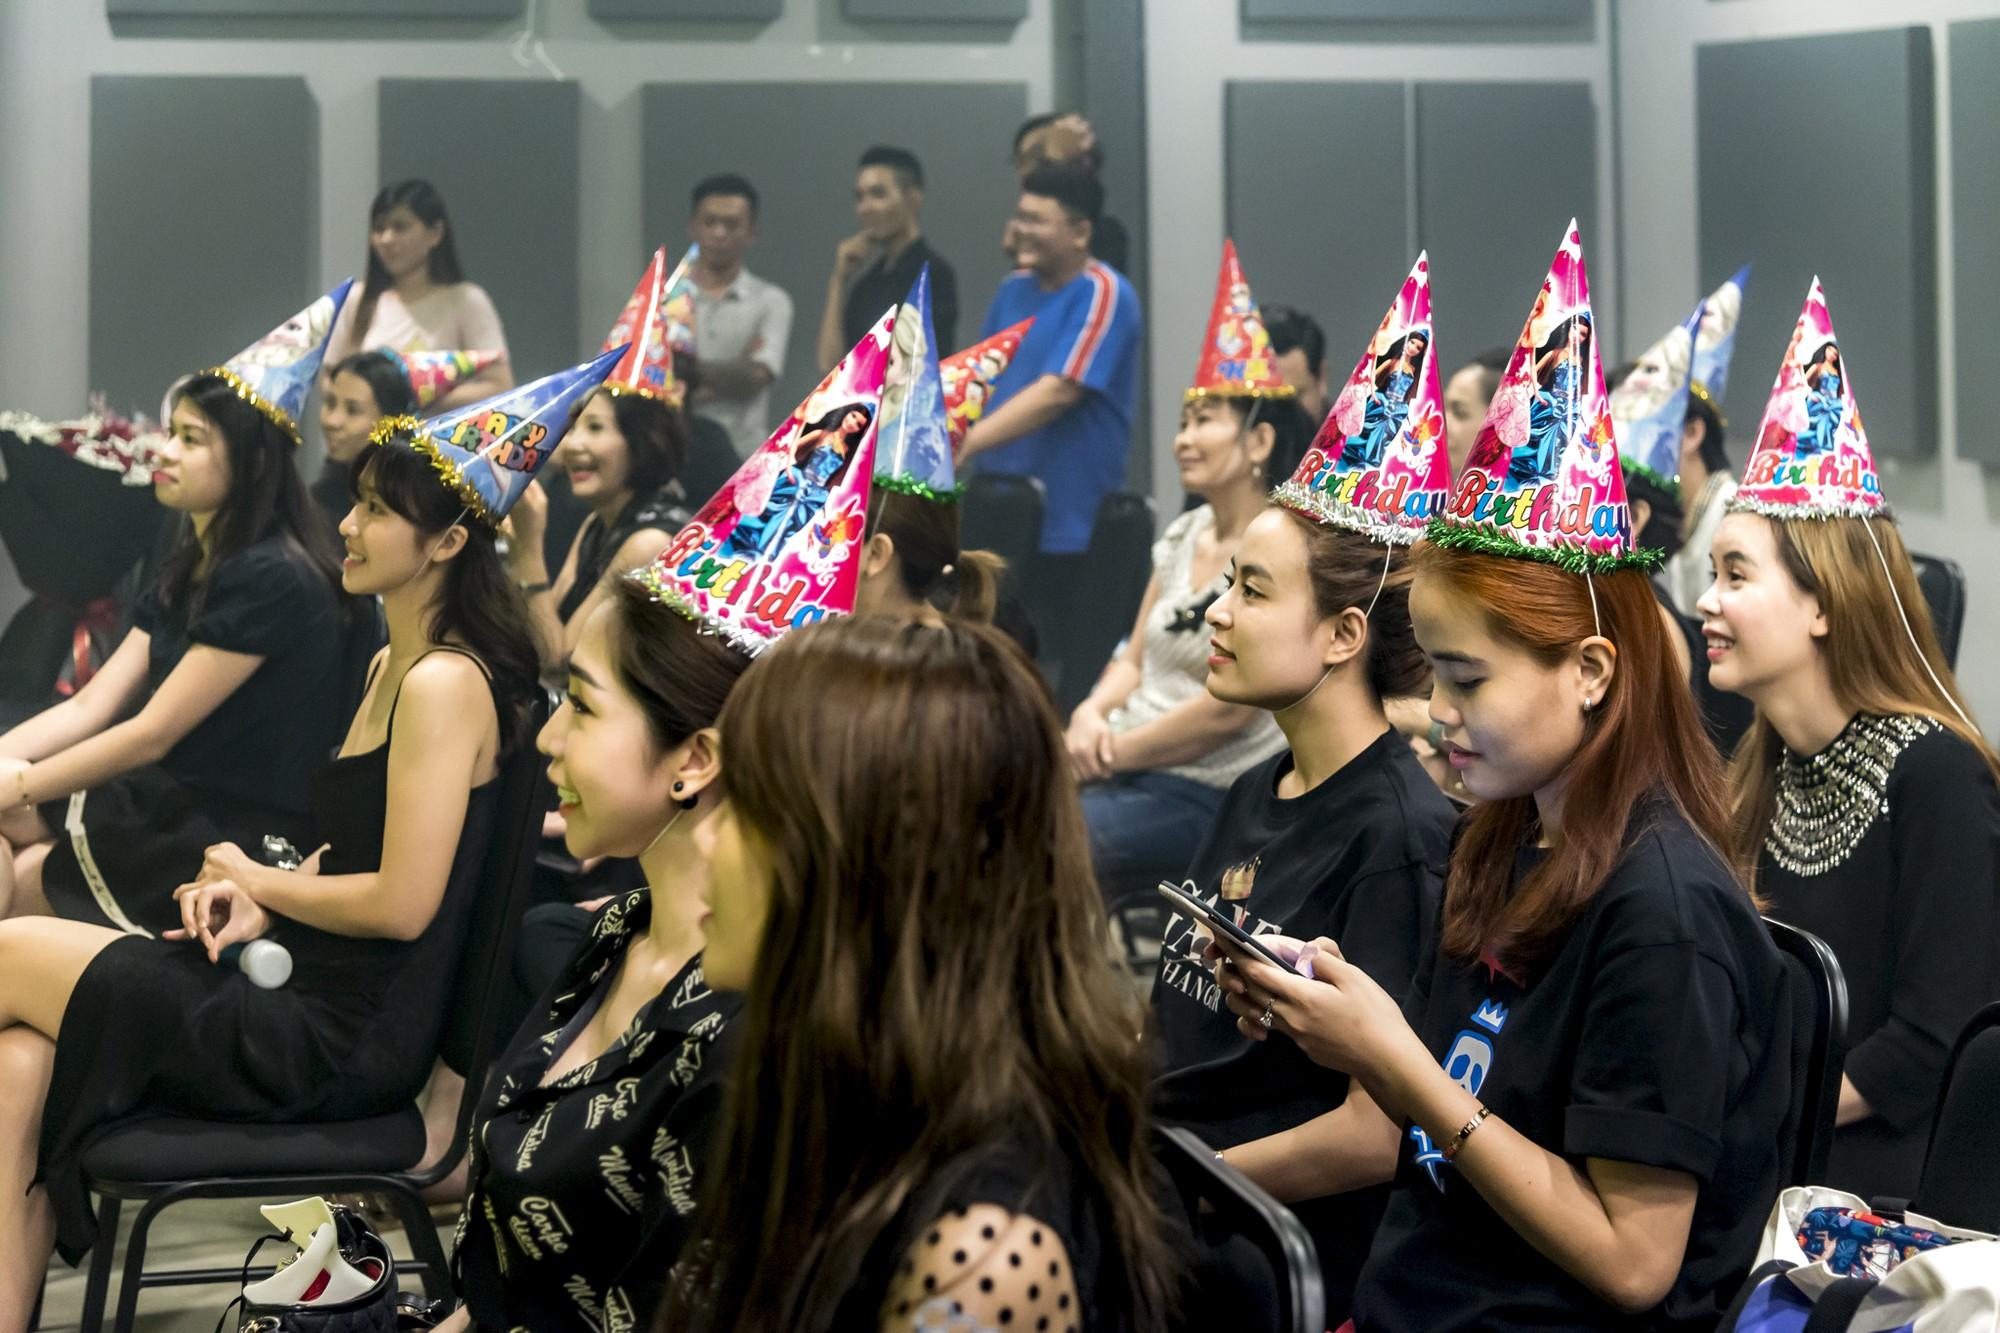 Hội fan cứng 10 năm đột kích, tổ chức sinh nhật bất ngờ khiến Minh Hằng khóc nức nở - Ảnh 9.